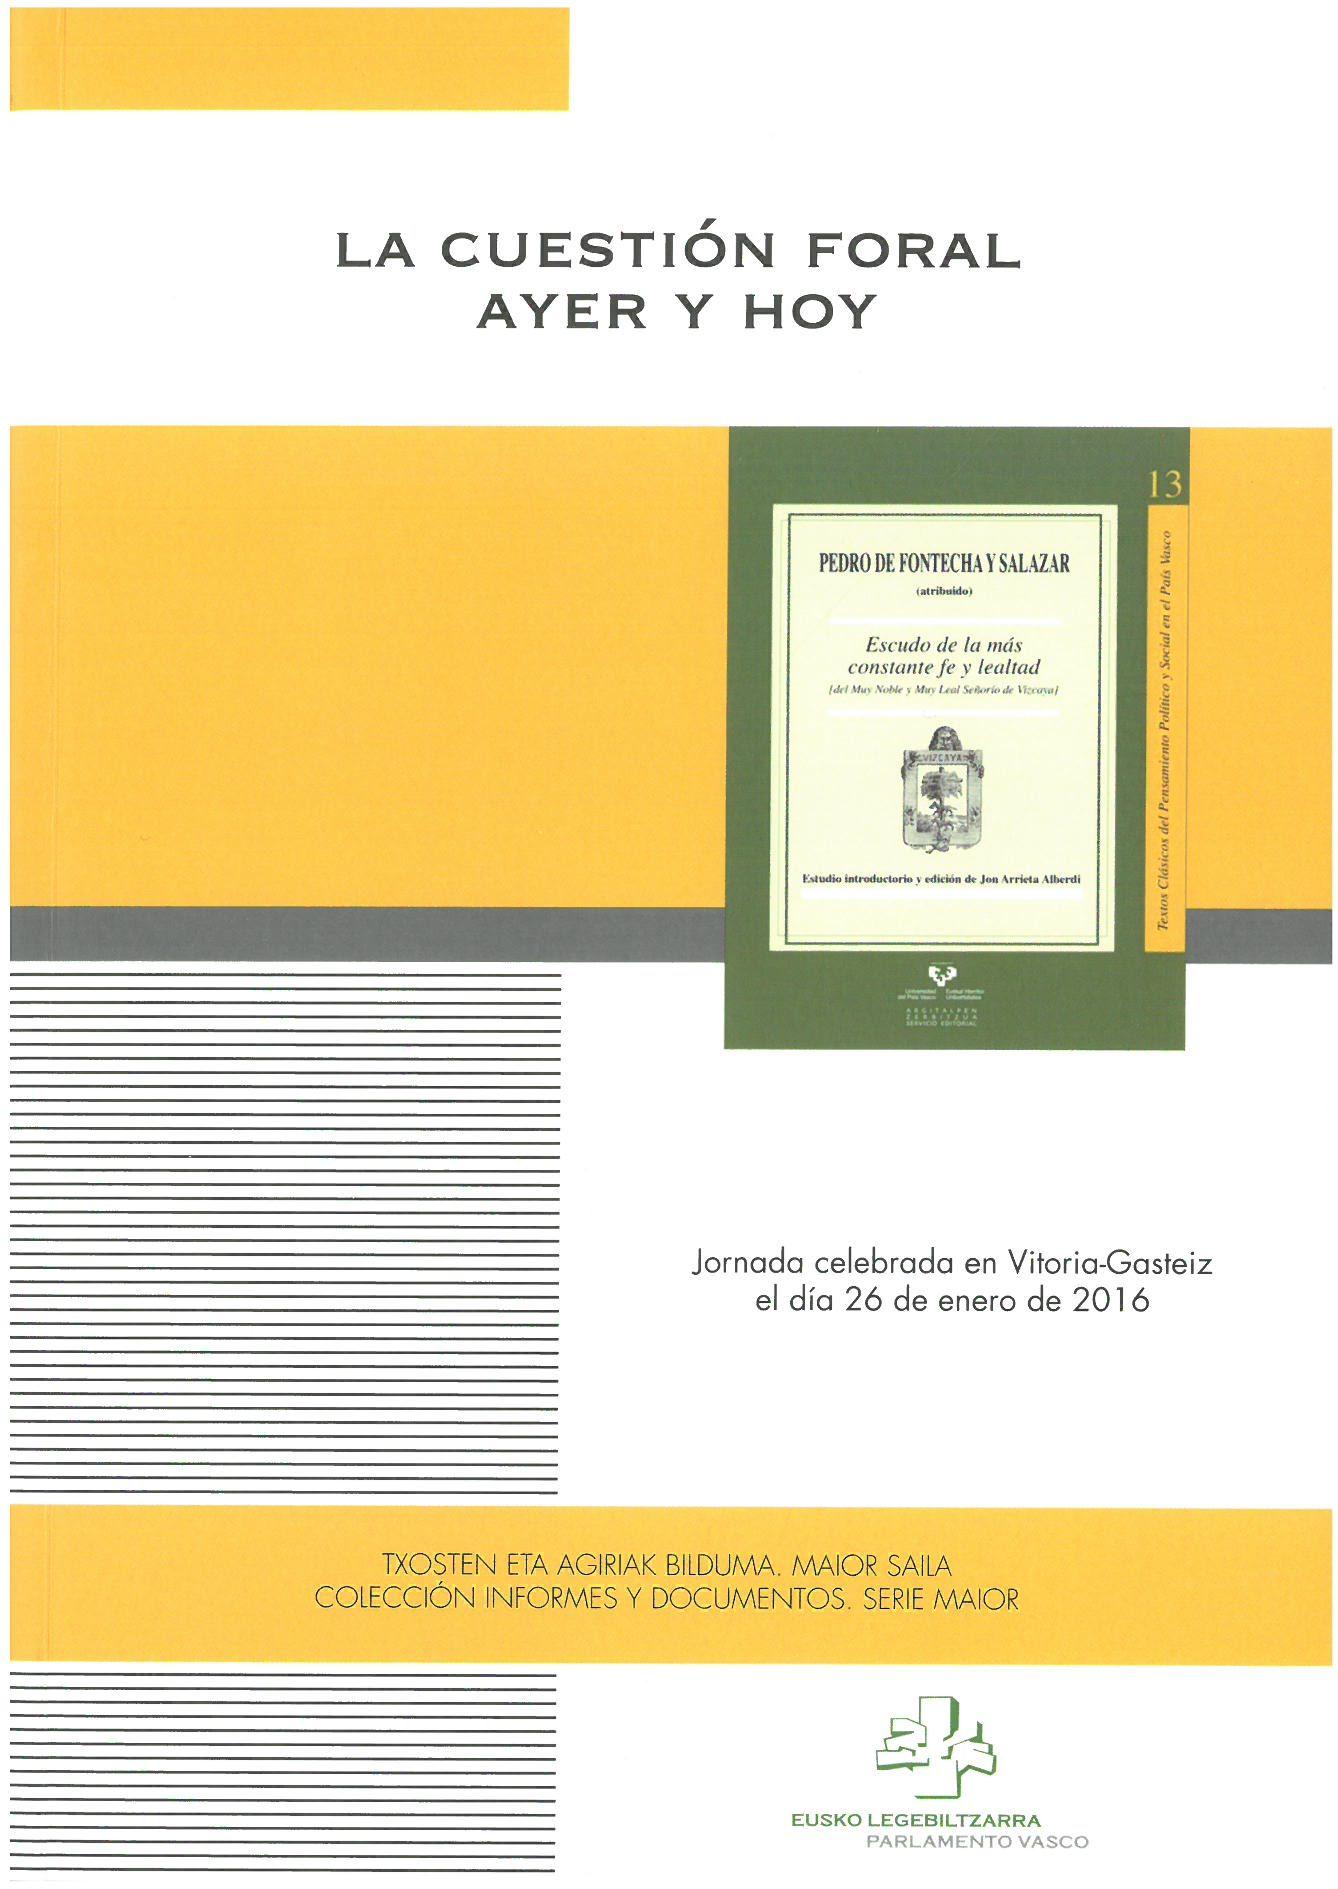 La Cuestión Foral Ayer Y Hoy Parlamento Vasco 2016 Ciencias Politicas Ayer 26 De Enero